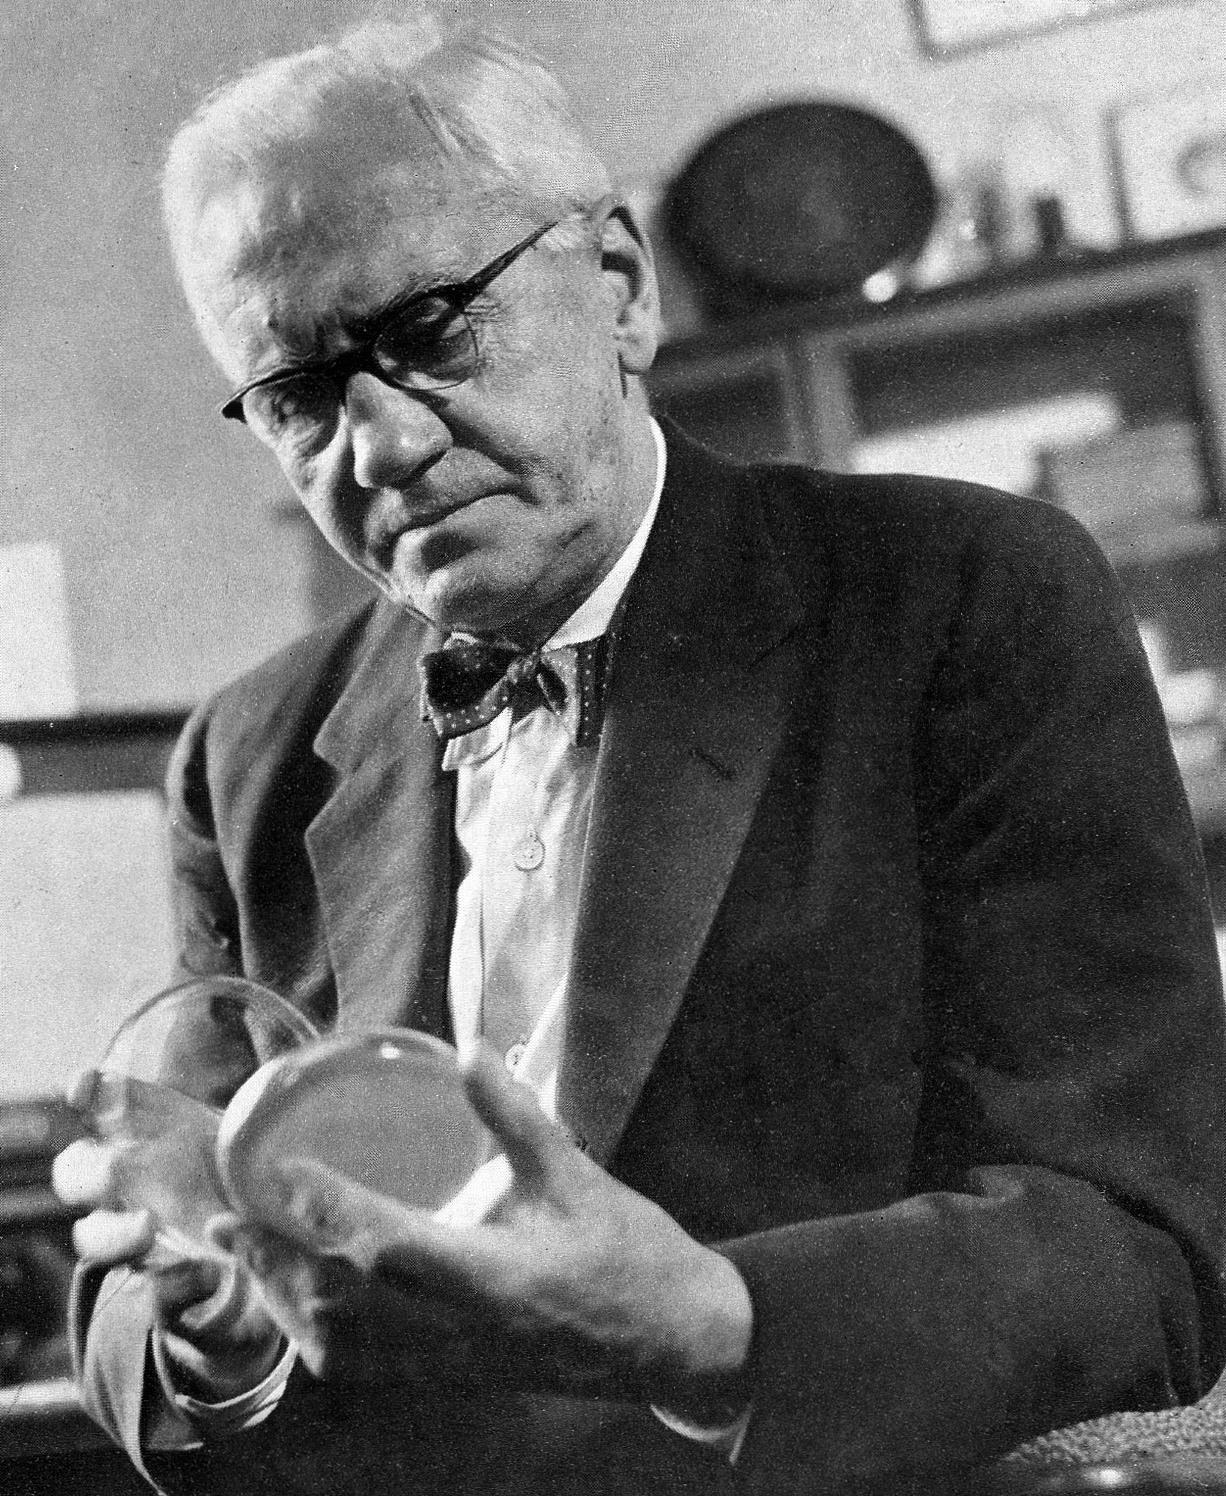 Alexander Fleming. Bacterias, antibióticos, penicilina. Biología, Medicina.